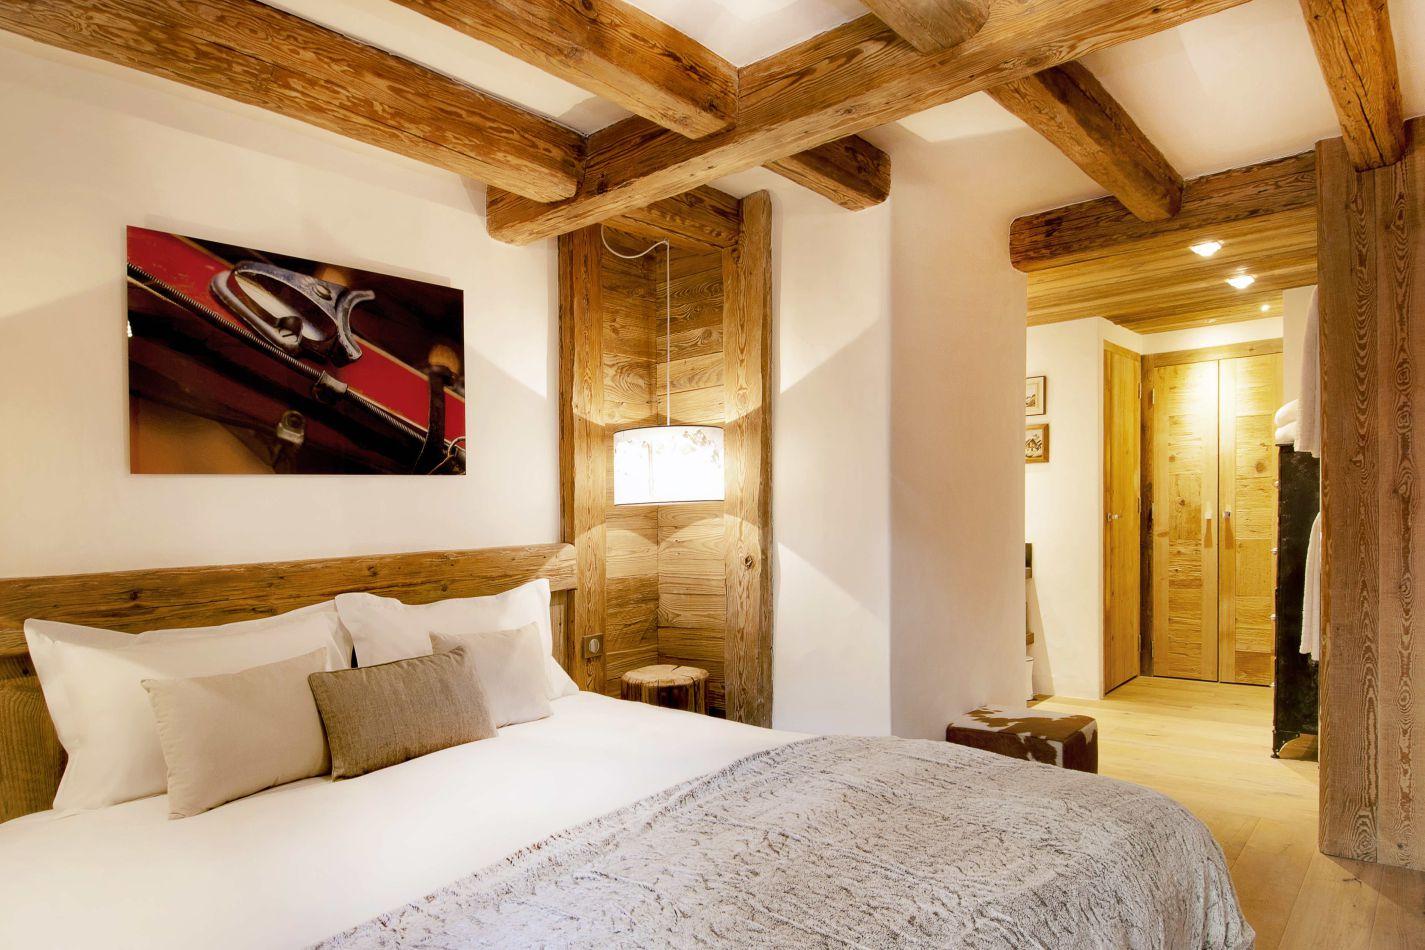 af-vieux-pont-bedroom-2